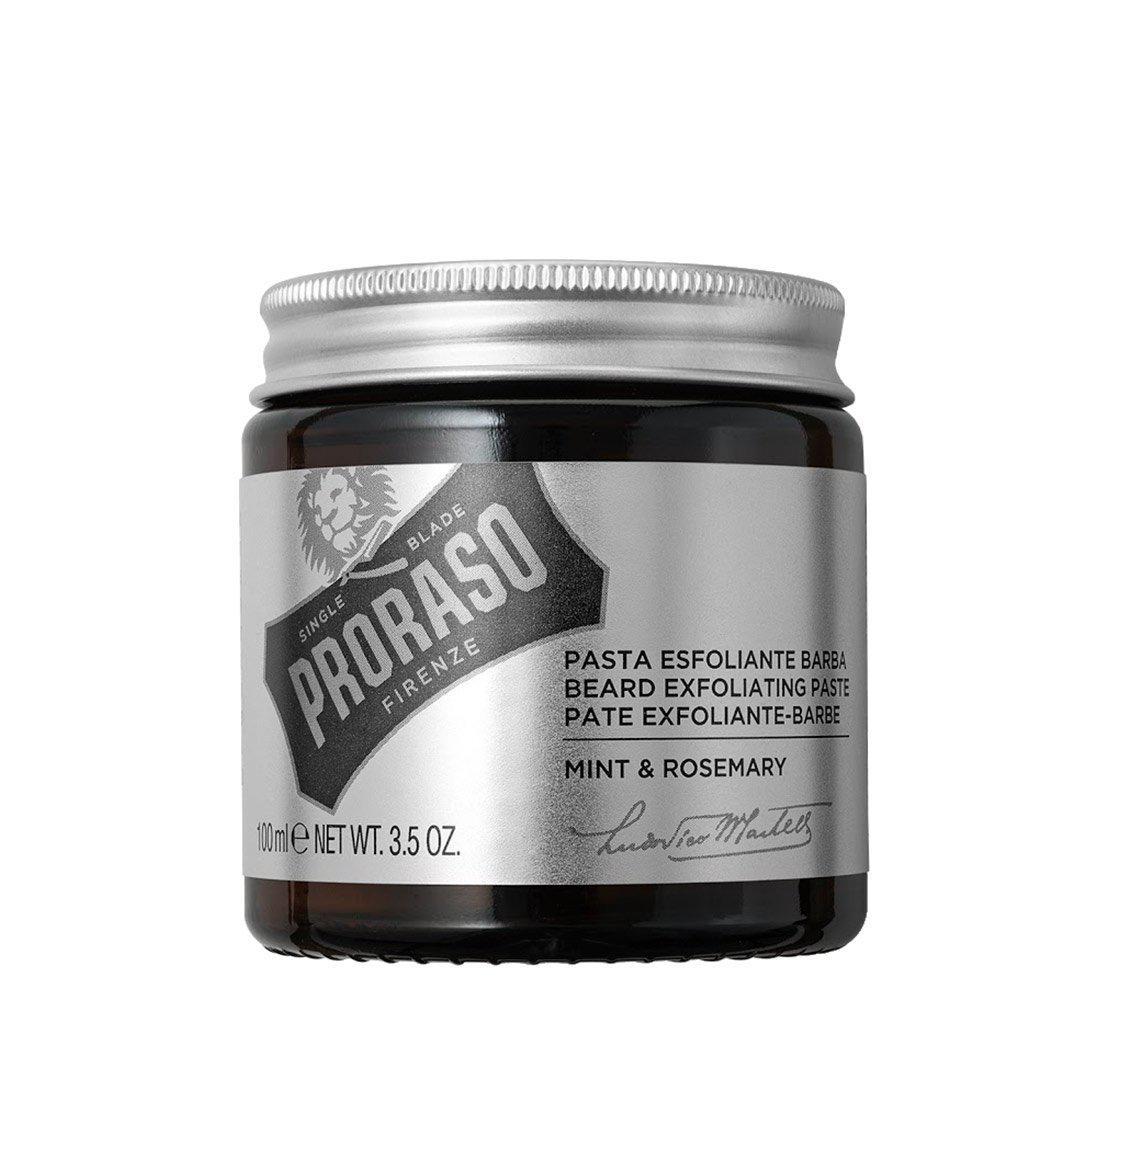 Очищающая скраб - паста для лица и бороды Proraso Beard Exfoliating Paste 100 мл.